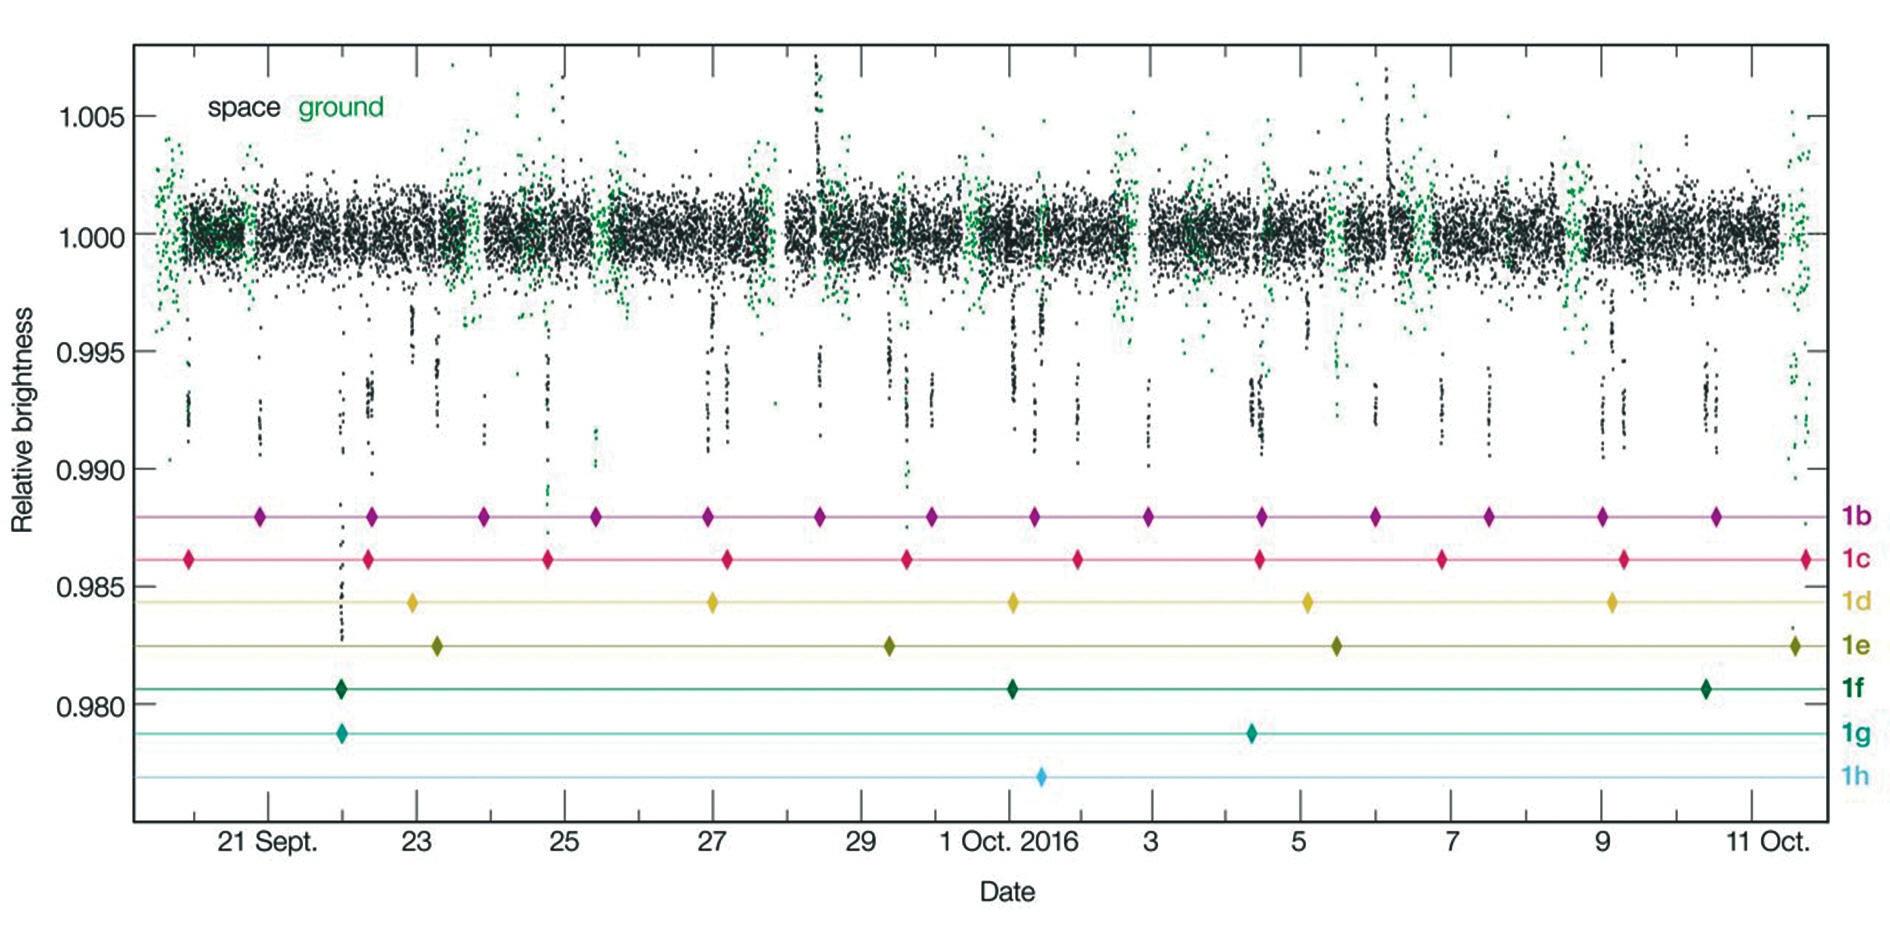 Рис. 1. Кривая блеска звезды TRAPPIST-1 за время 20-дневного сеанса космического телескопа «Спитцер». Зеленые точки — наблюдения наземными телескопами. По вертикали — светимость звезды в данный момент по отношению к средней светимости. Ромбиками отмечены транзиты конкретных планет. Выбросы точек вверх, скорее всего, звездные вспышки. Транзит планеты h только один. Ее период и радиус орбиты оценены из продолжительности единственного транзита (см. рис. 2)